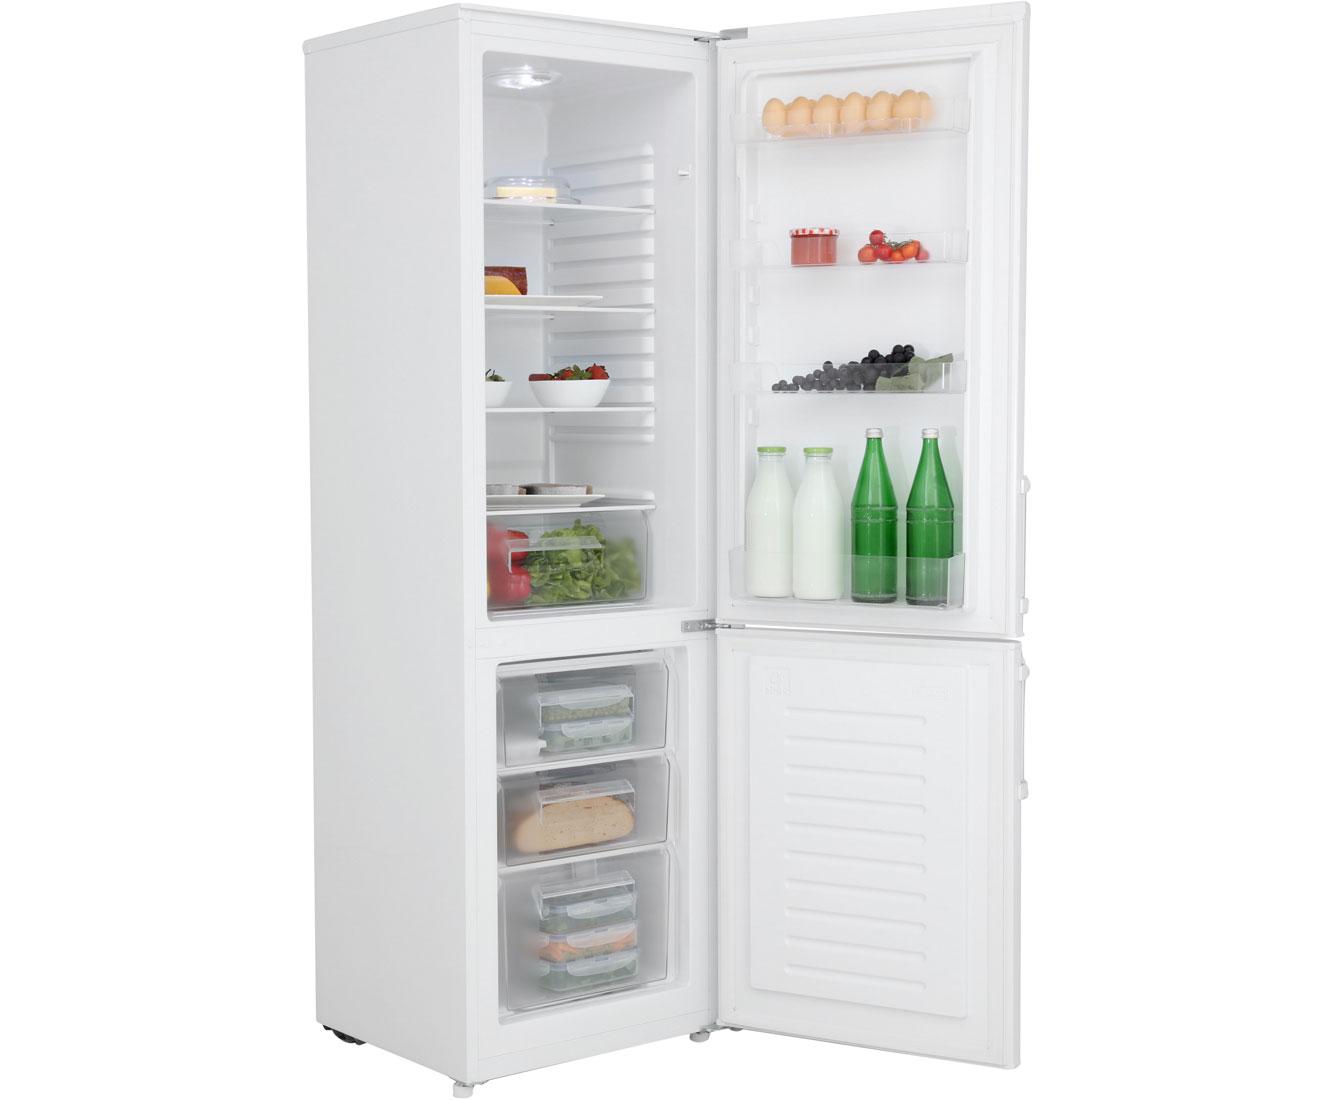 Bomann Kühlschrank Anleitung : Bomann kühlschrank kg bedienungsanleitung kühlschrank gorenje hts